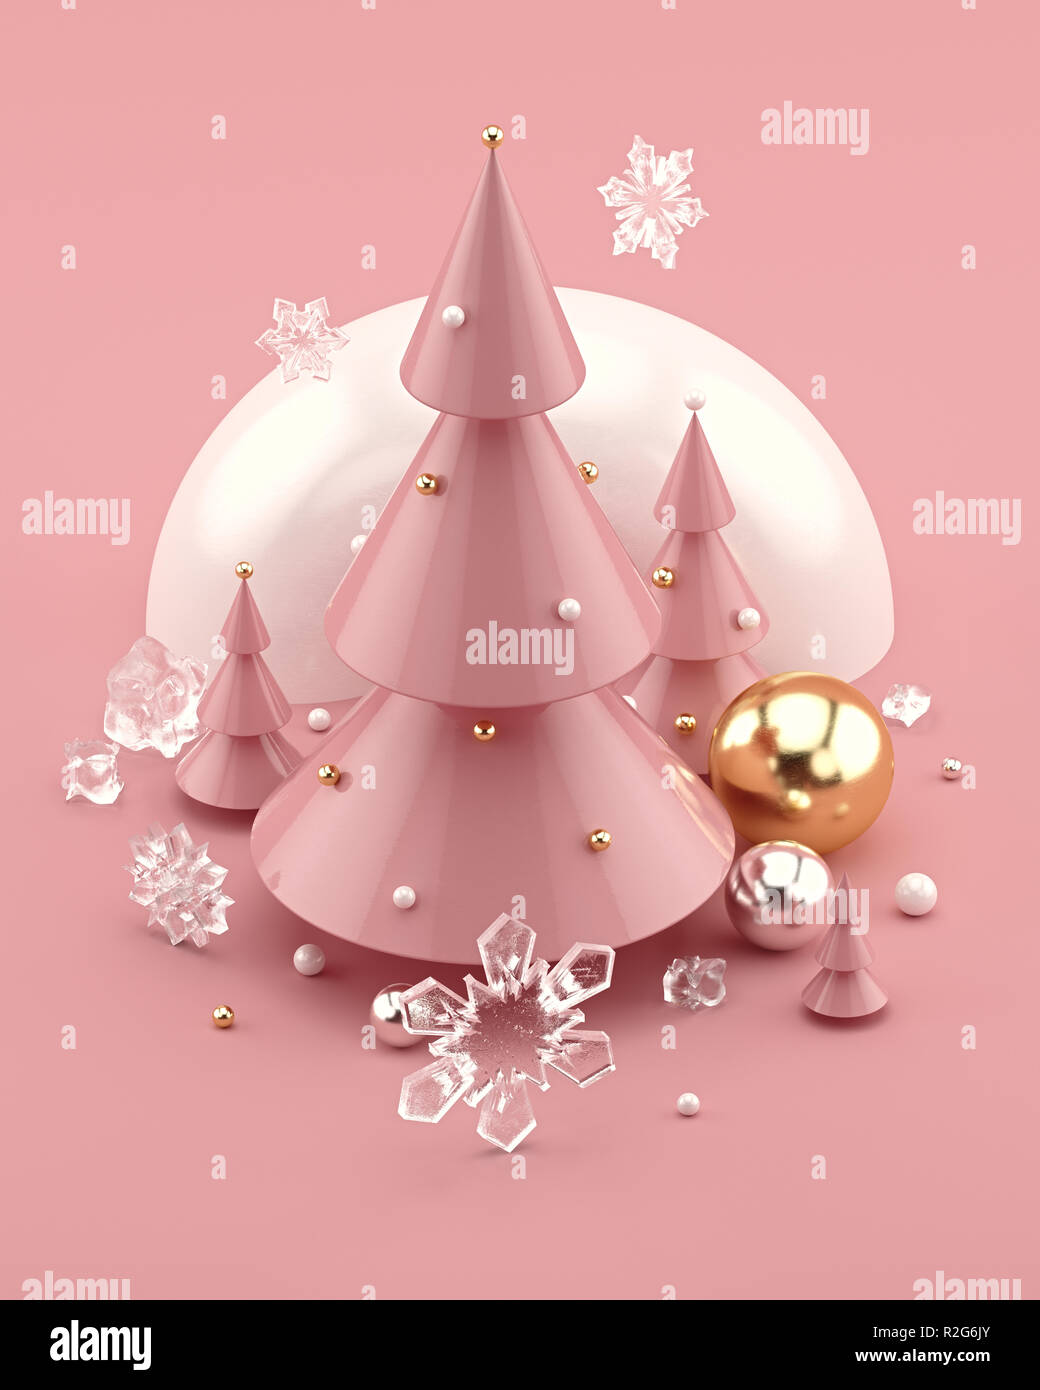 Rose Gold 3D-Abbildung mit geschmückten Weihnachtsbaum und Schneeflocken. Stockbild